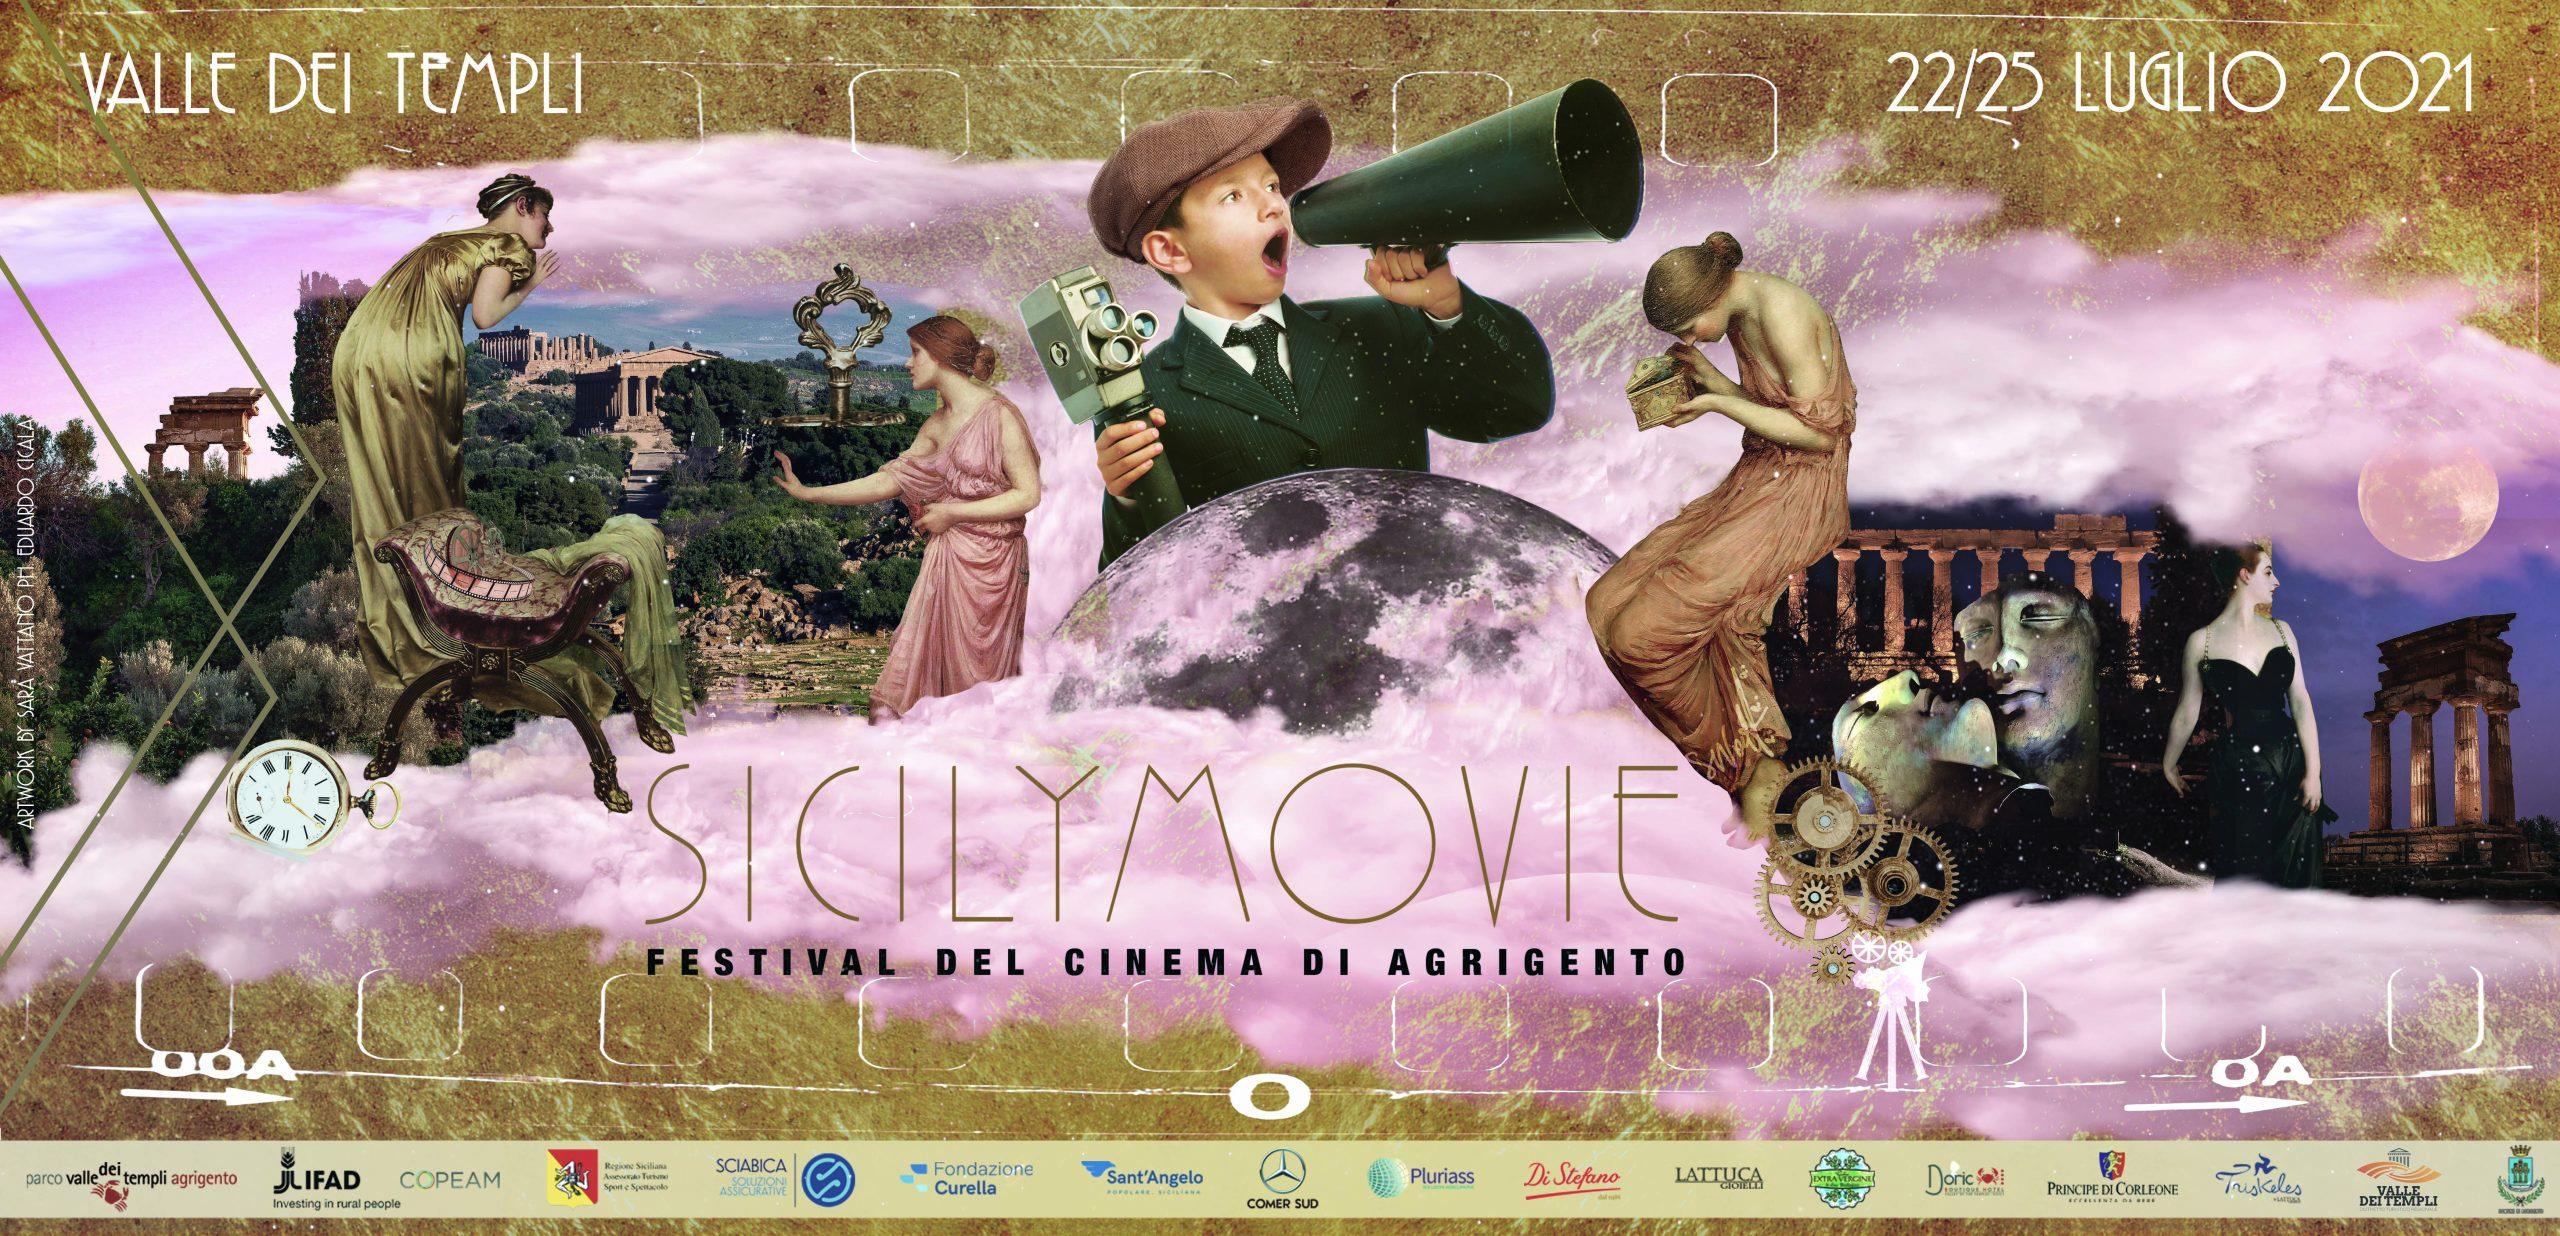 Sicilymovie, VI edizione del Festival del Cinema di Agrigento